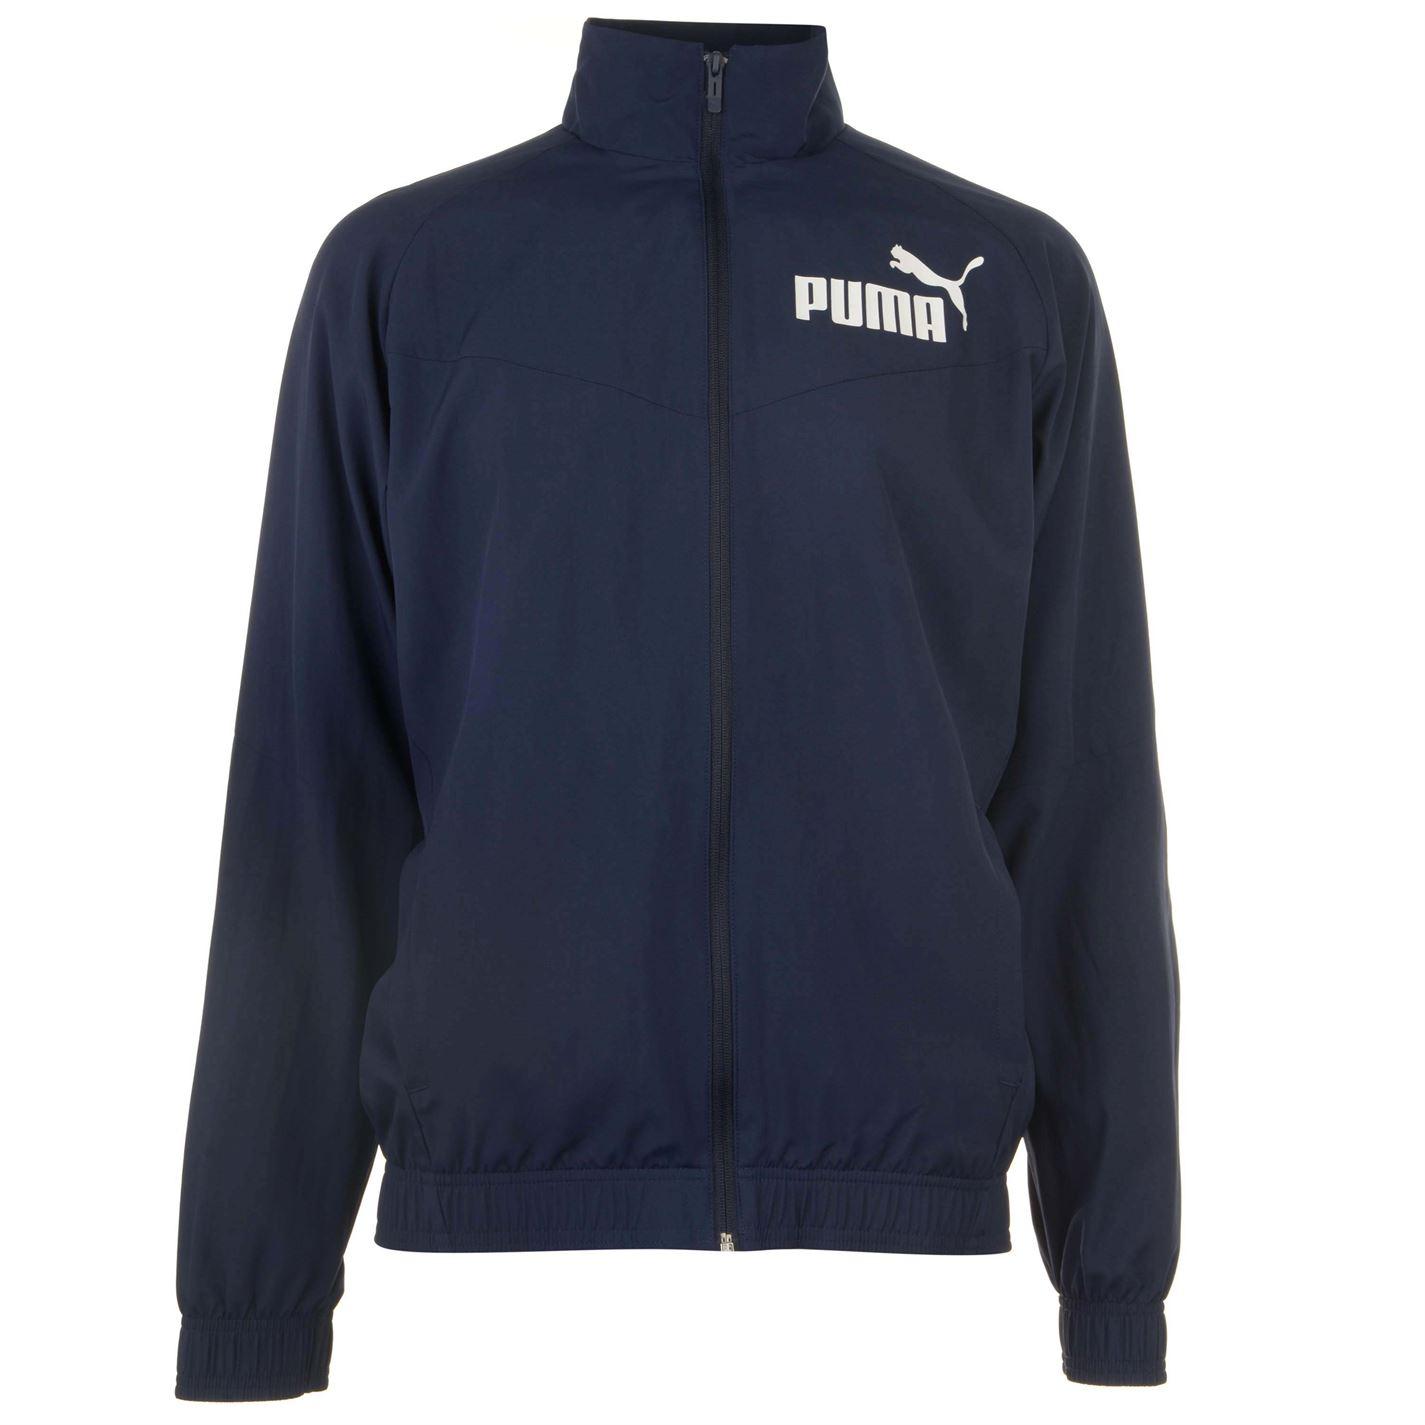 Pánska tepláková súprava Puma Woven